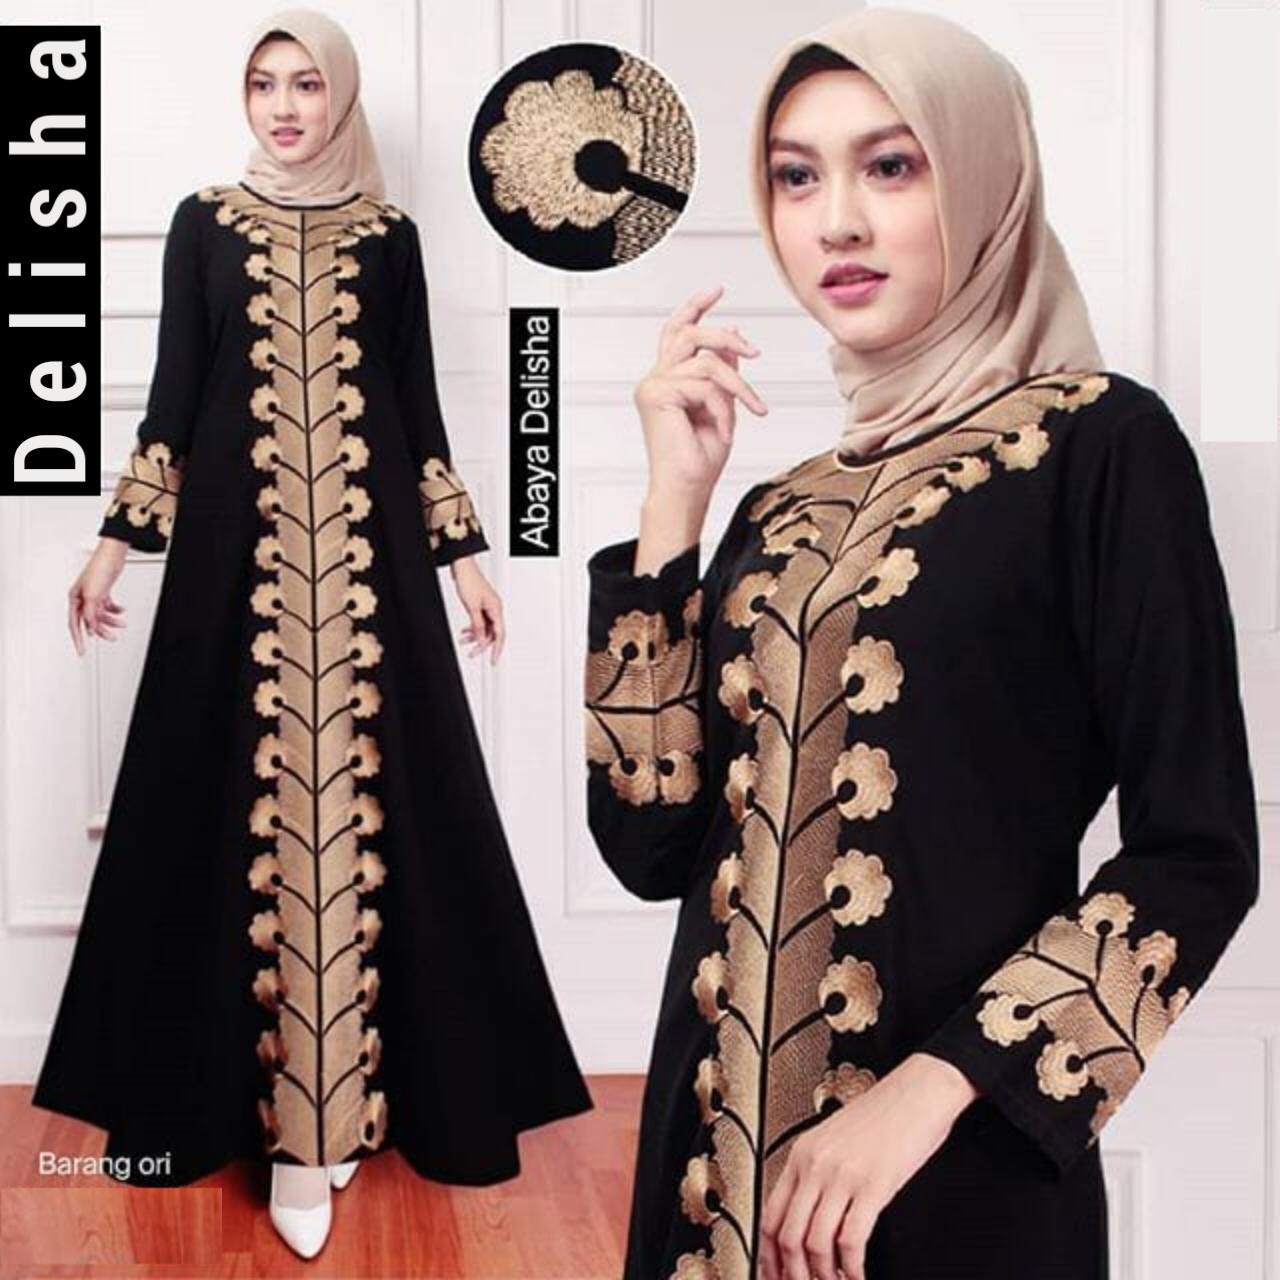 Baju gamis abaya arab turki dubai wanita muslim terbaru 12 bordir asli  bukan tempelan